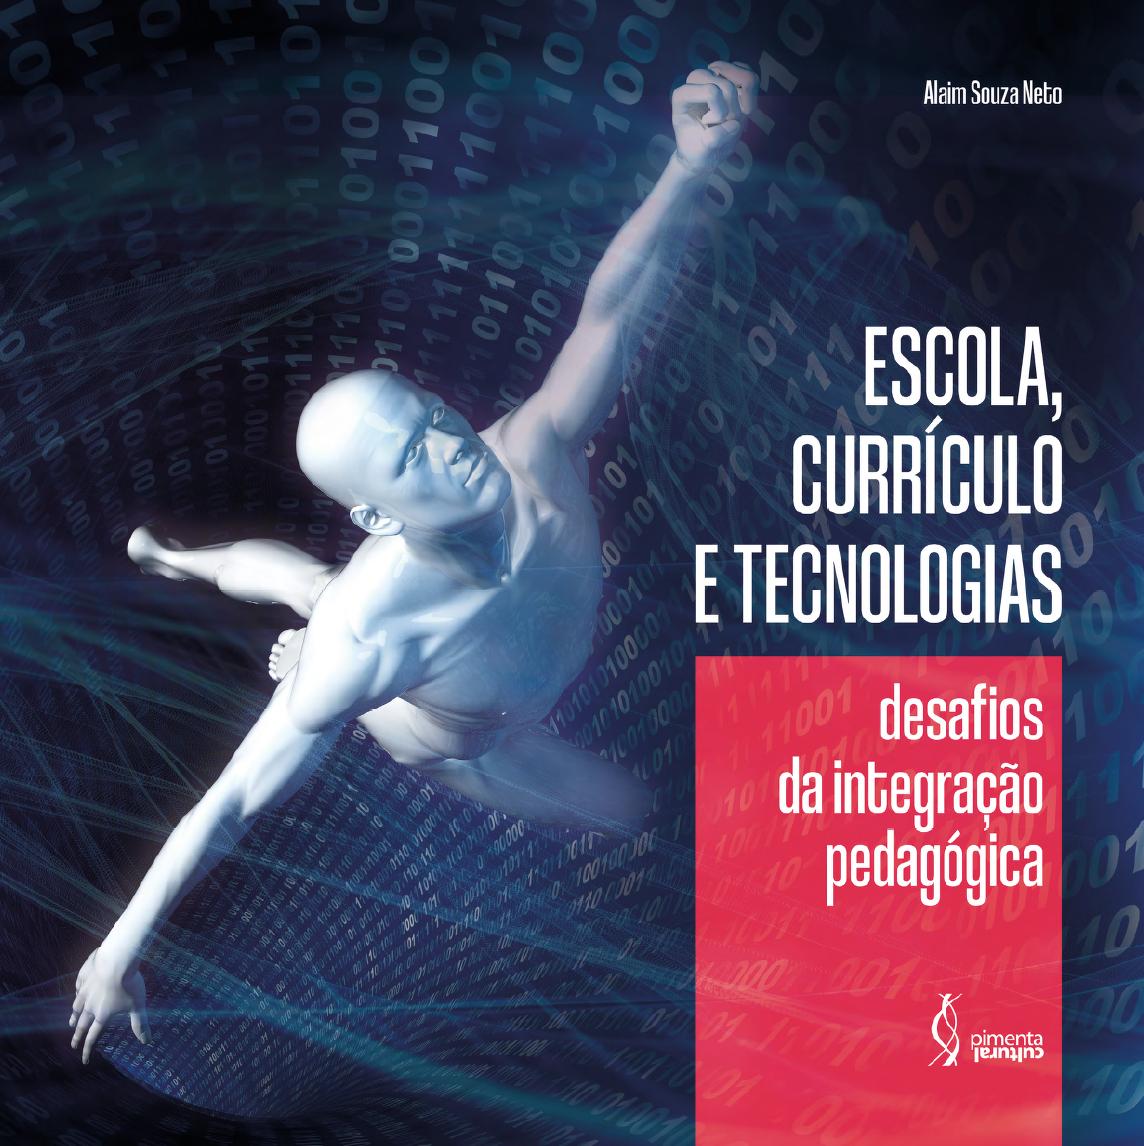 Escola, currículo e tecnologia